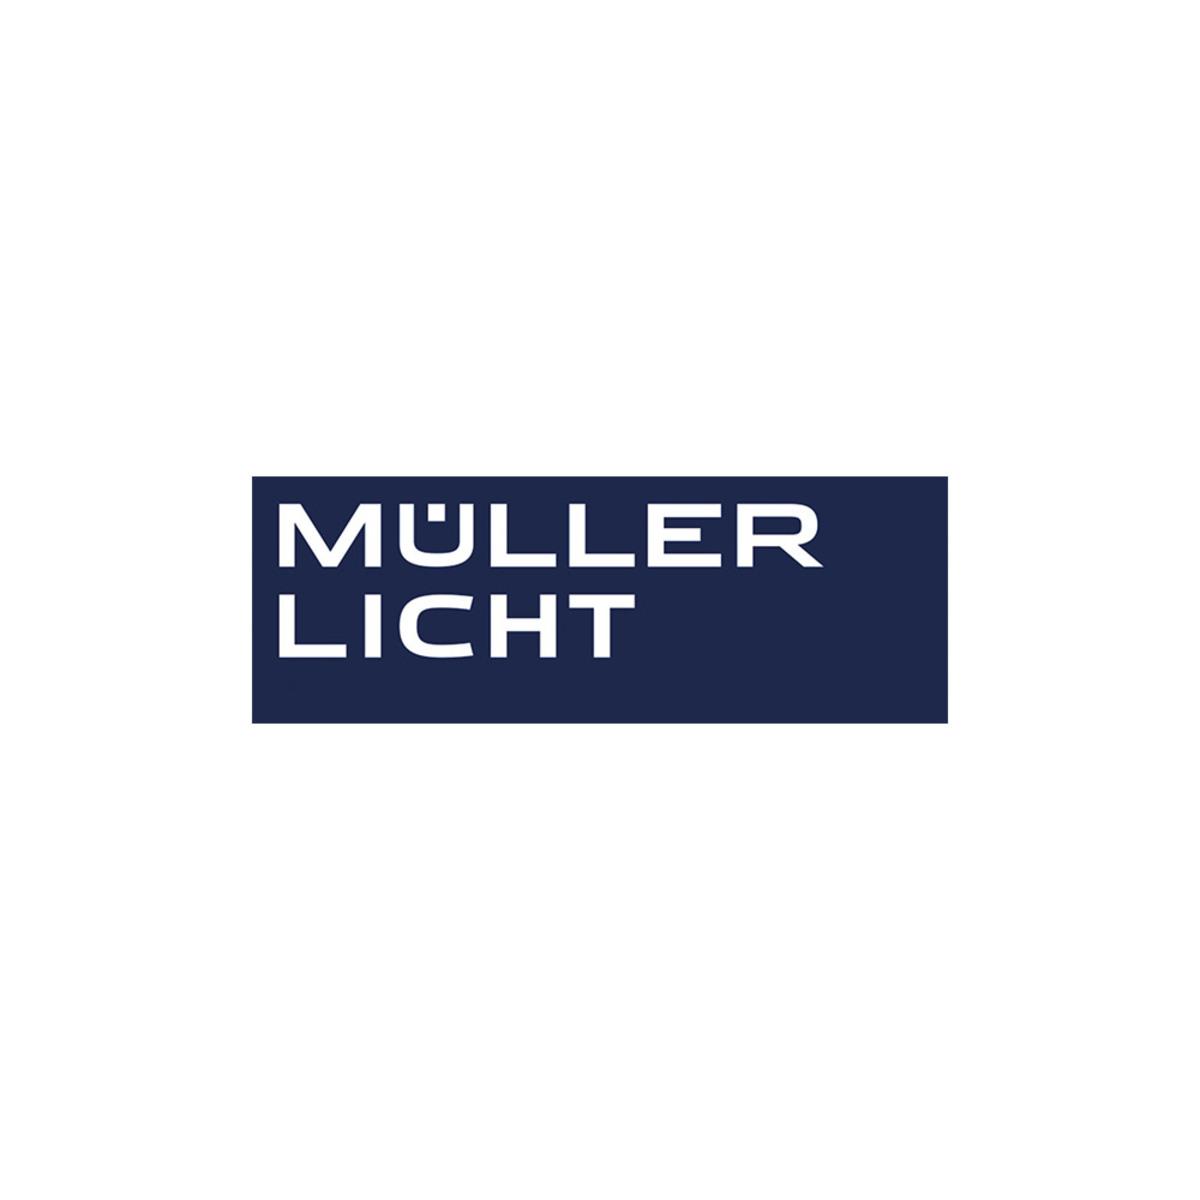 Bild 4 von Müller Licht LED-Unterbauleuchte mit Lichtfarbenwechsel und Drehkopf